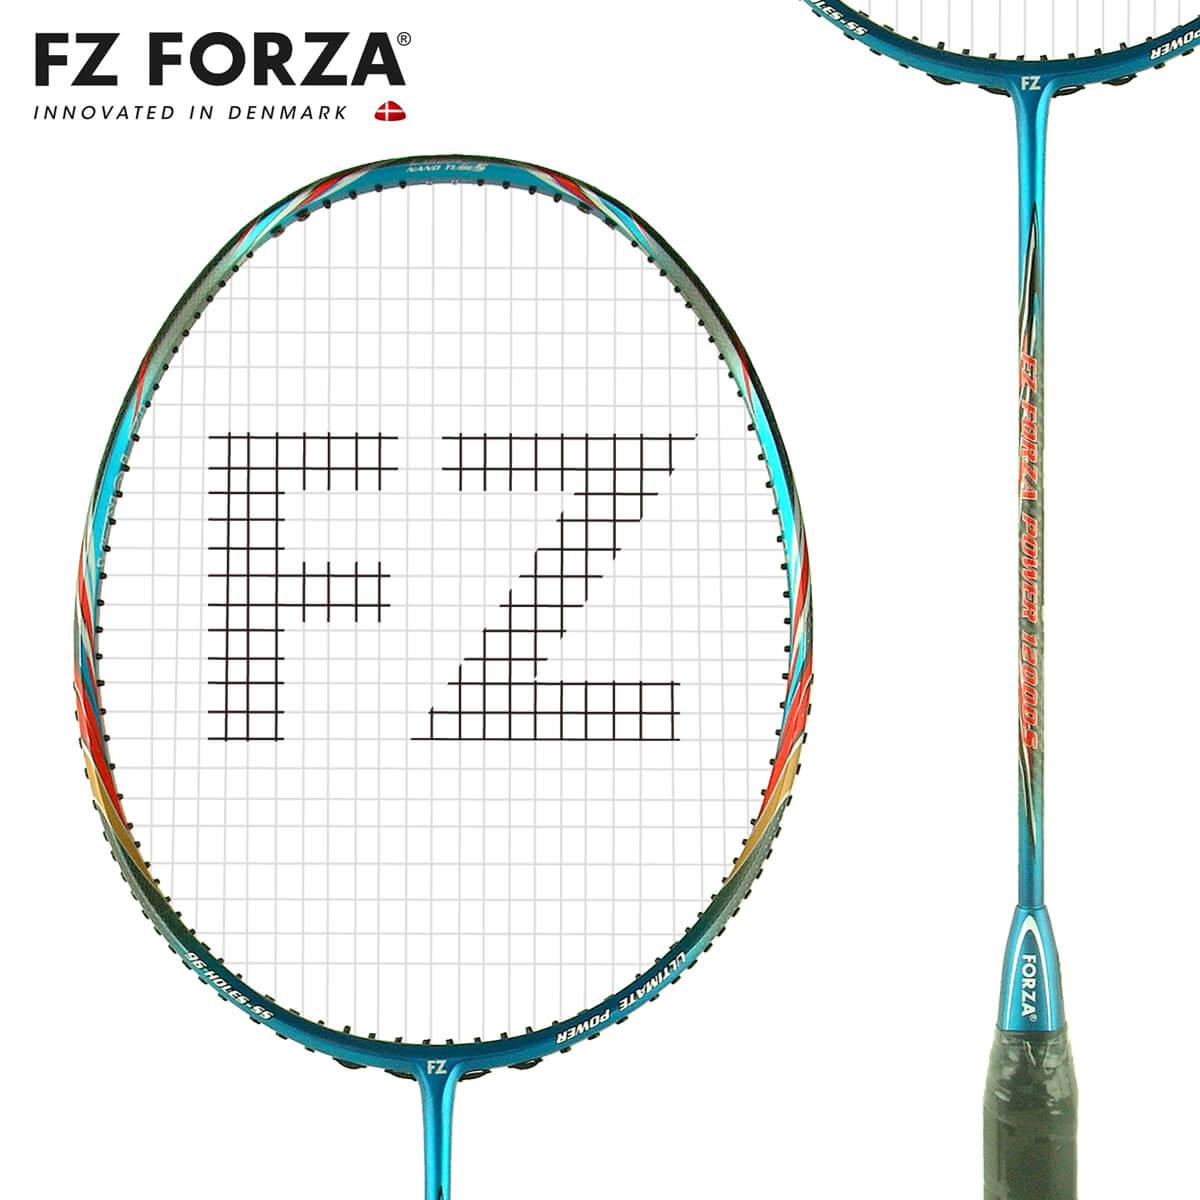 FZ FORZA Power12000 S 4UG5 96ホール FZ フォーザ バドミントンラケット【オススメガット&ガット張り工賃無料】